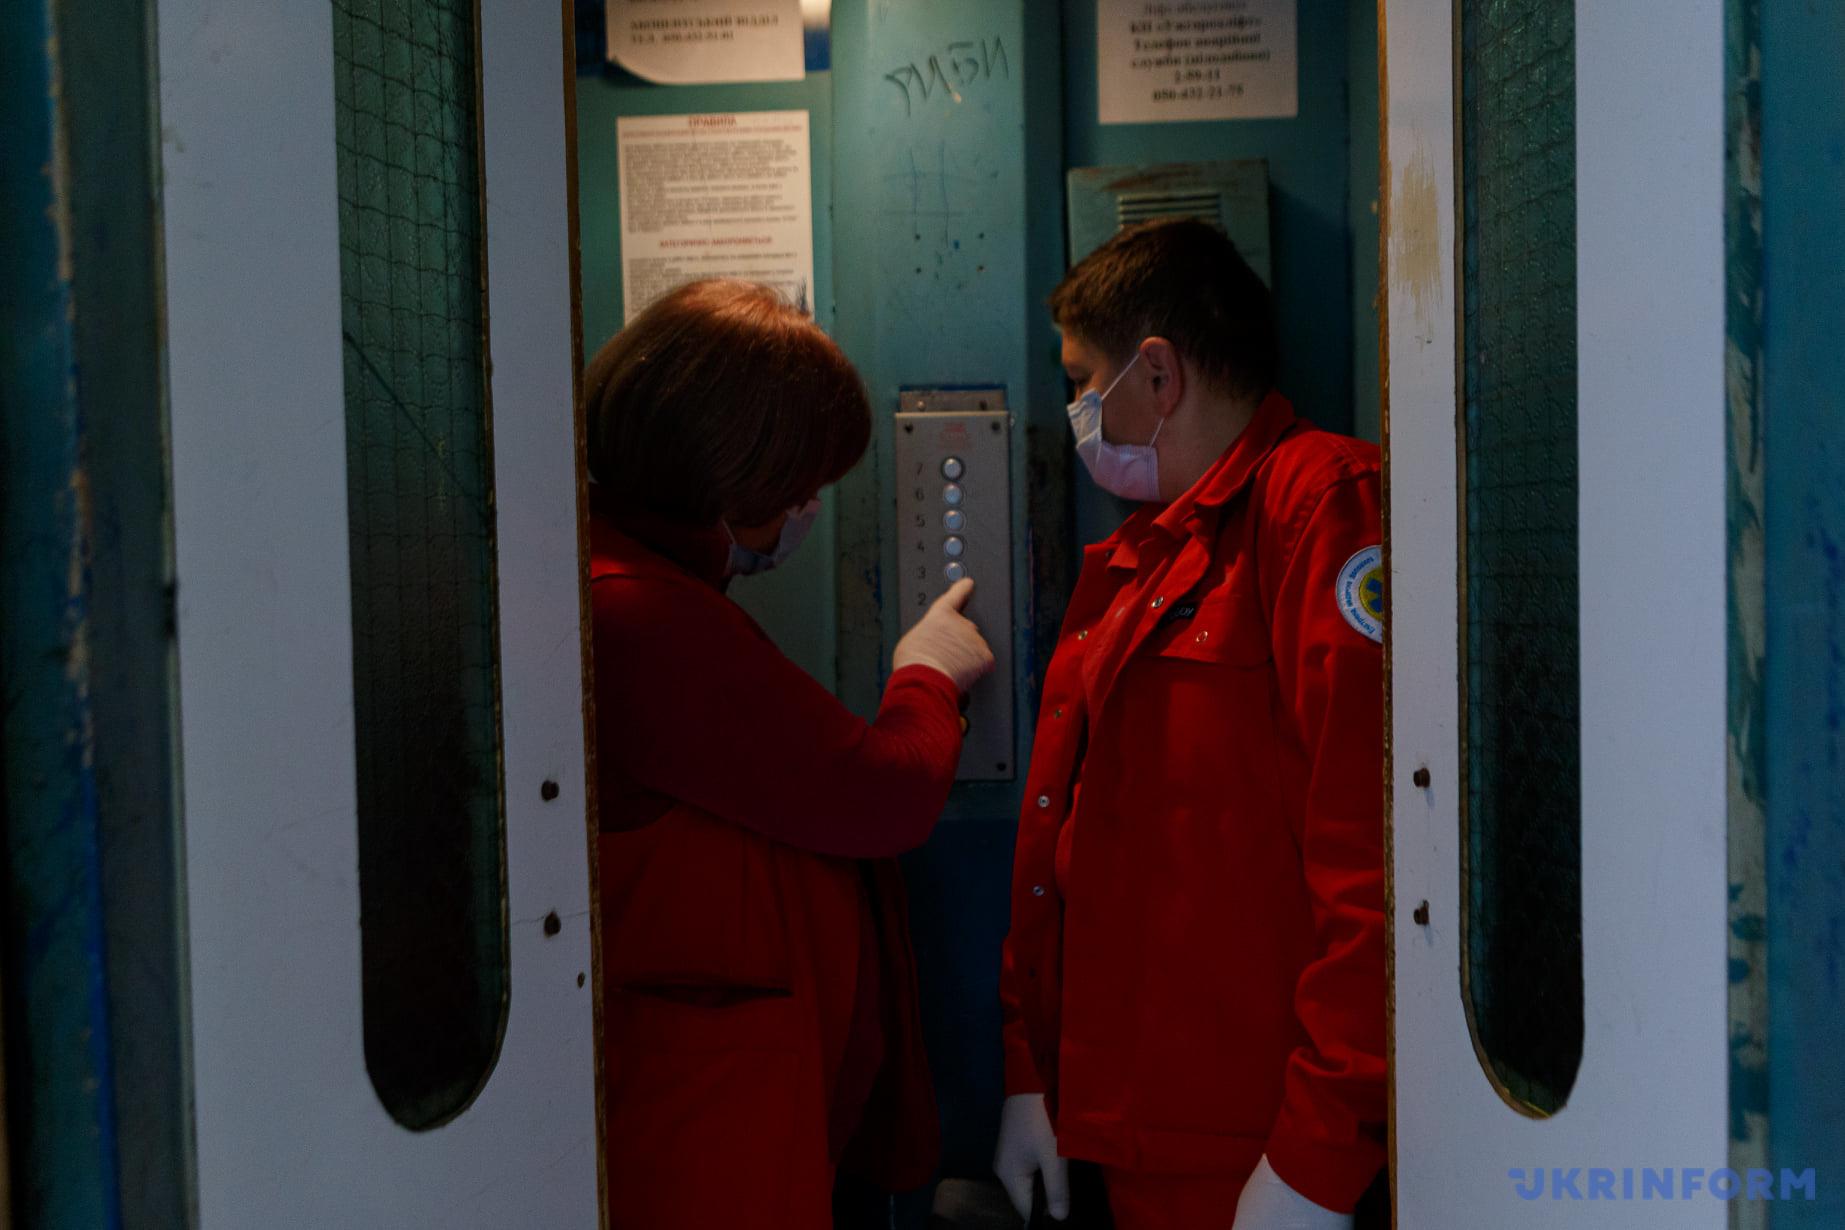 Лікар Марія Славік (ліворуч) та фельдшер Мирослав Семйон в ліфті будинку